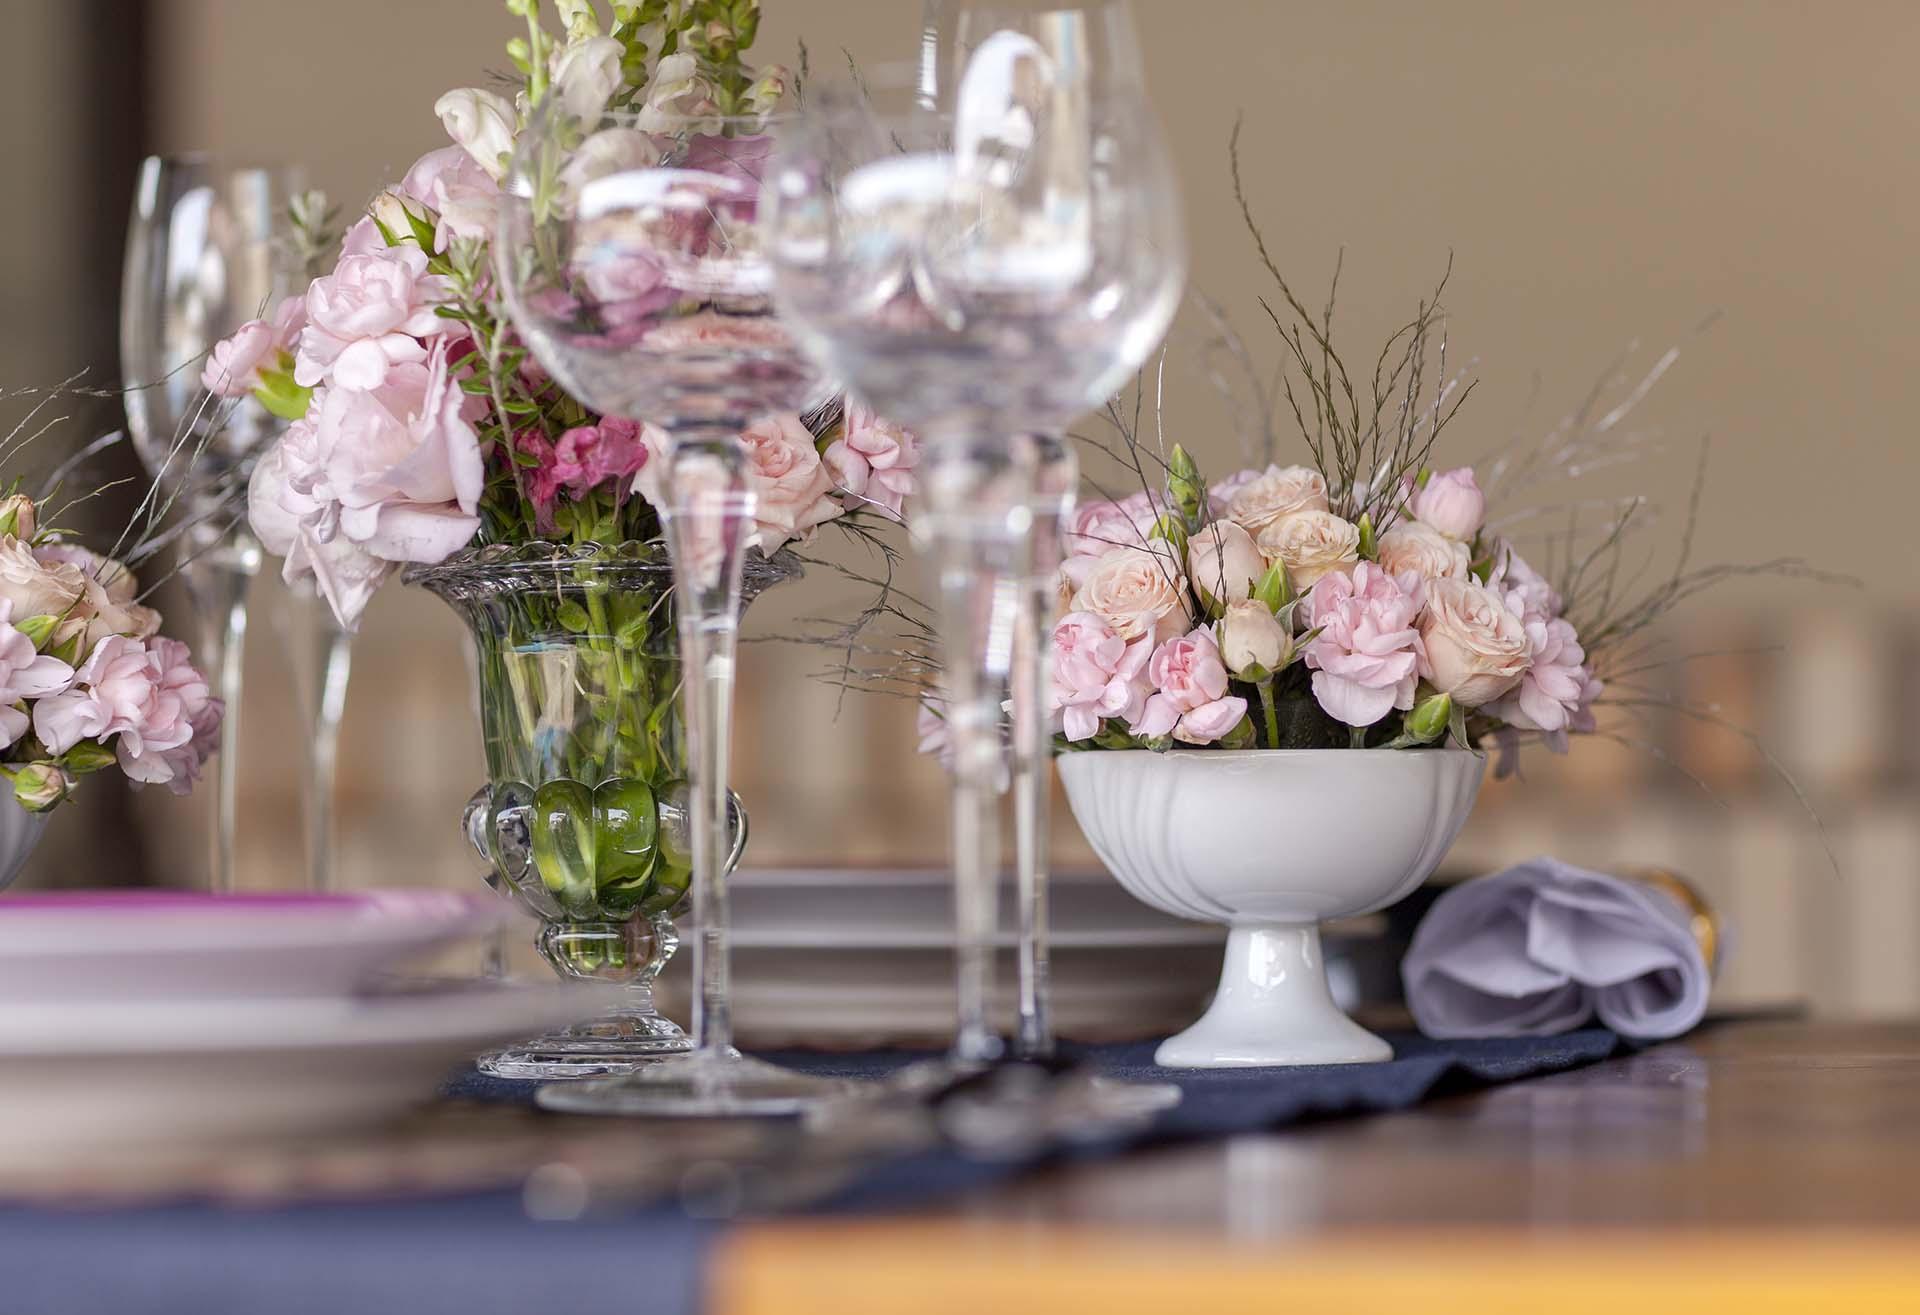 Imagem: Criatividade para decorar com flores: aposte em arranjos montados em taças de porcelana. Deixa a composição incrível. Foto: Raphael Günther/Bespoke Content.